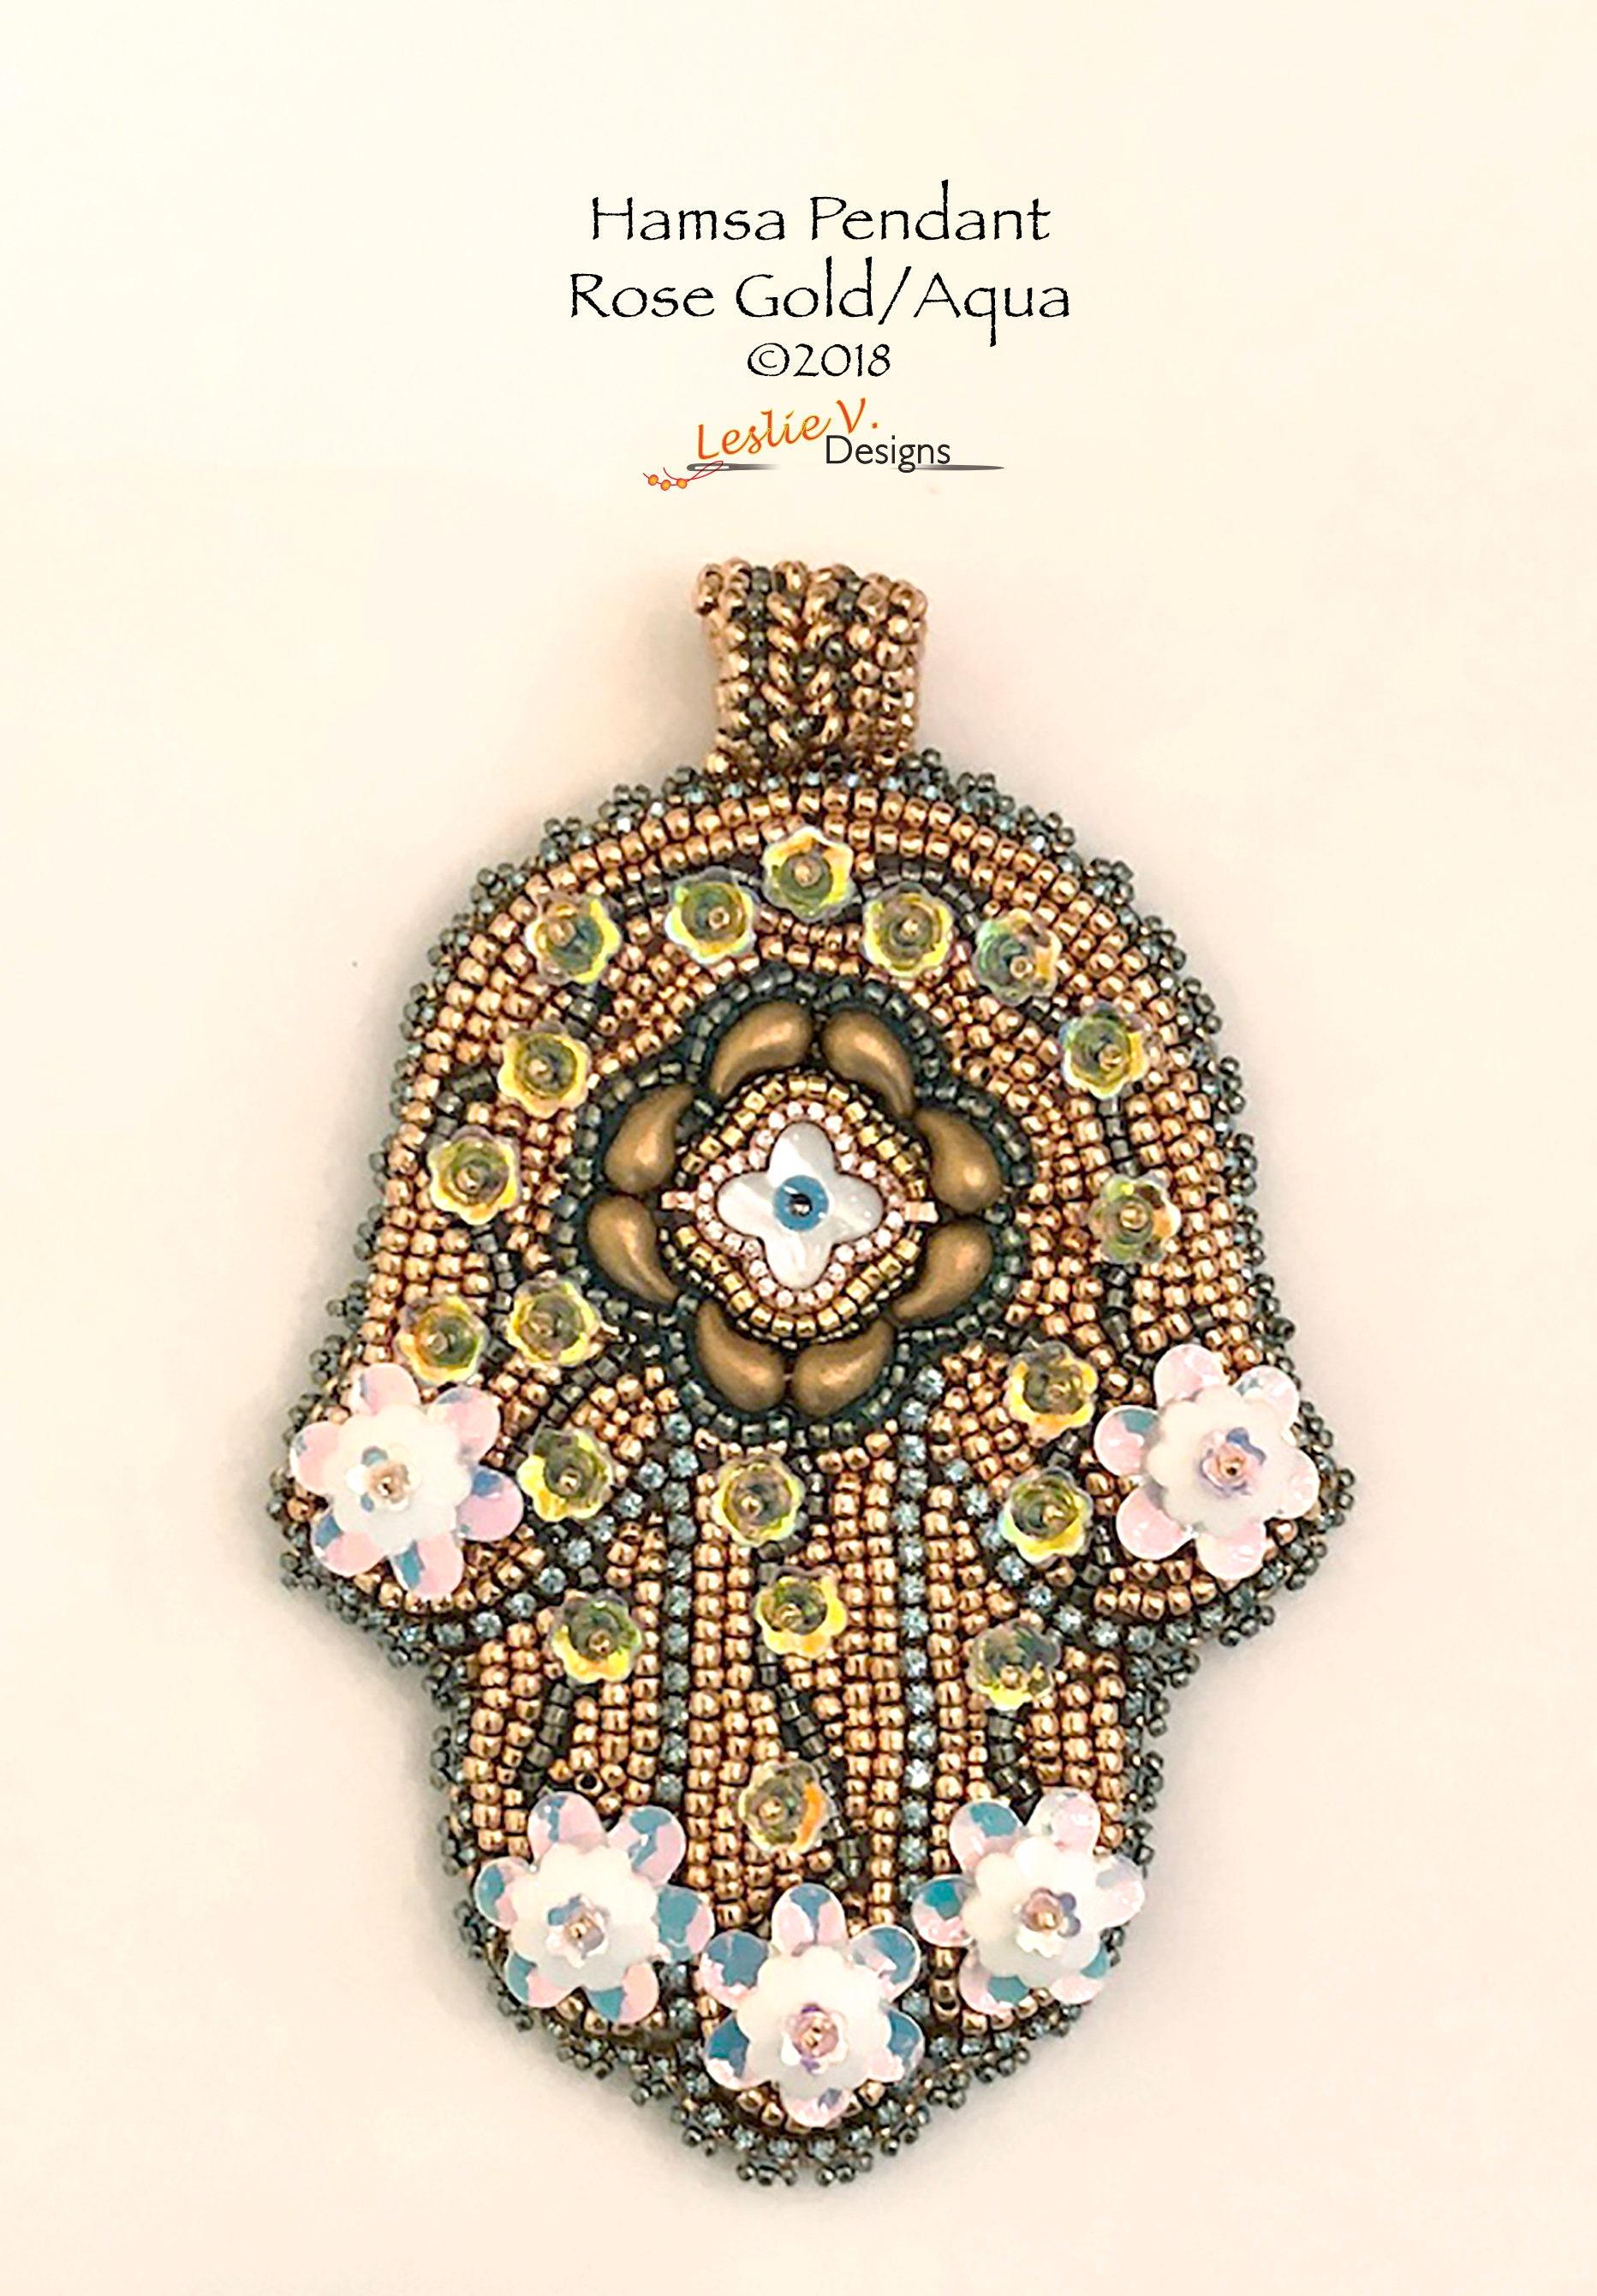 Kit de broderie Aqua perle pendentif - ROSEGOLD HAMSA HAMSA HAMSA (tutoriel inclus) d8de57